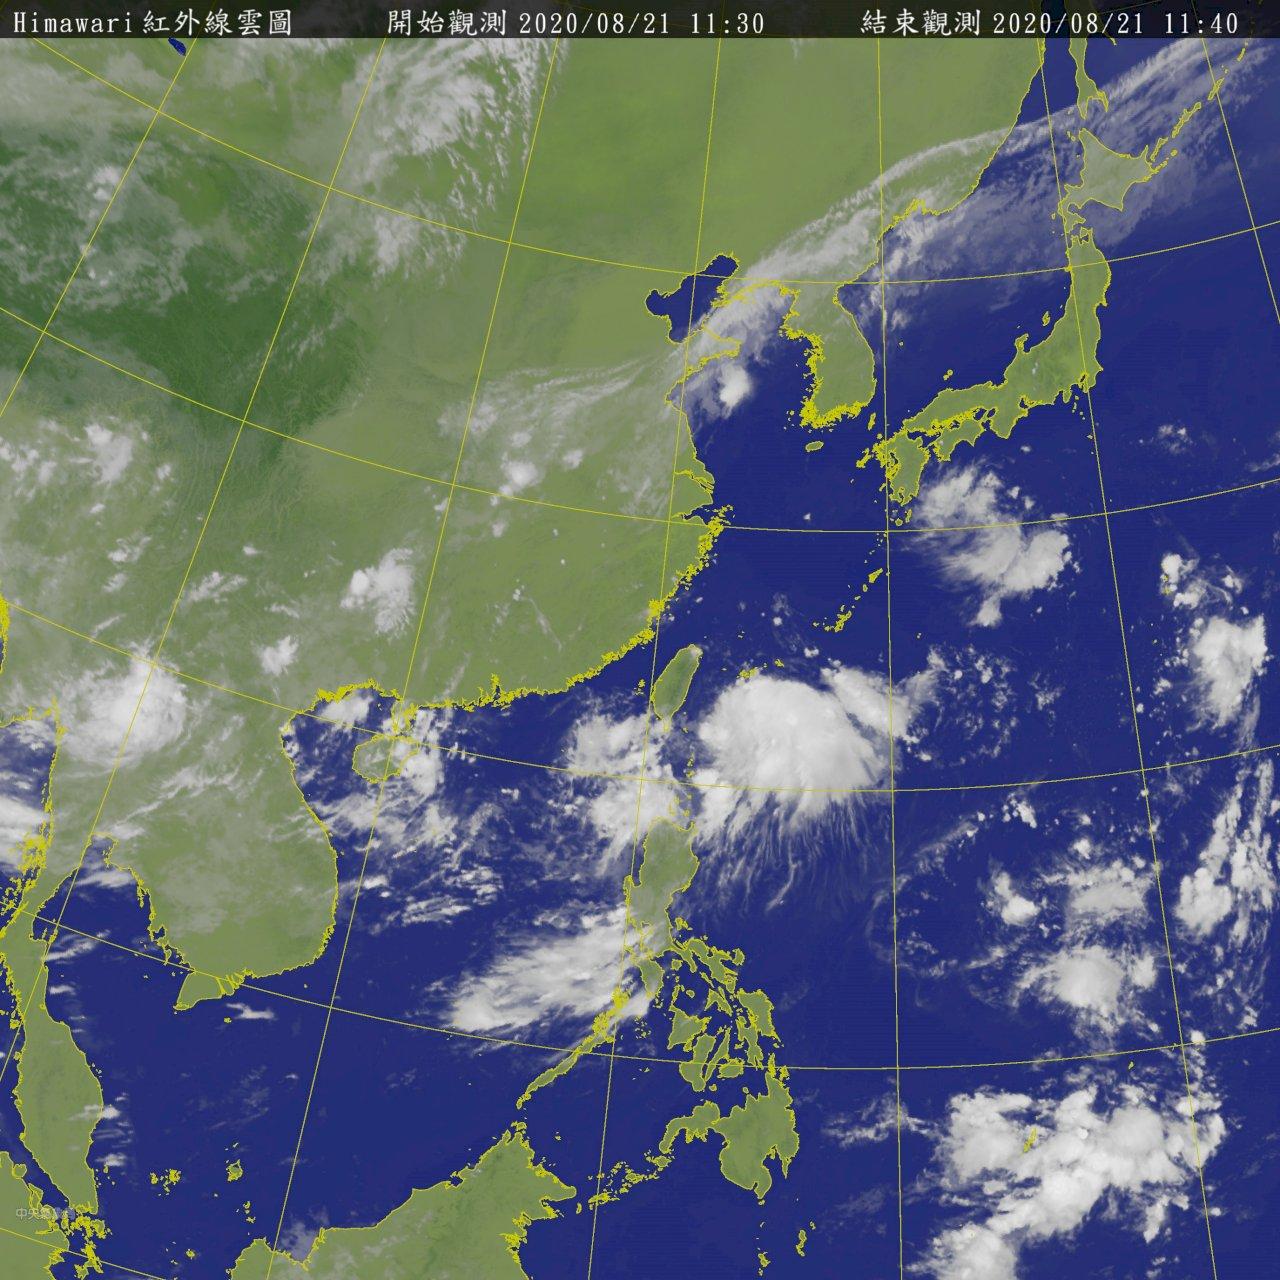 第8號颱風最快周末生成 北台灣留意短時強降雨